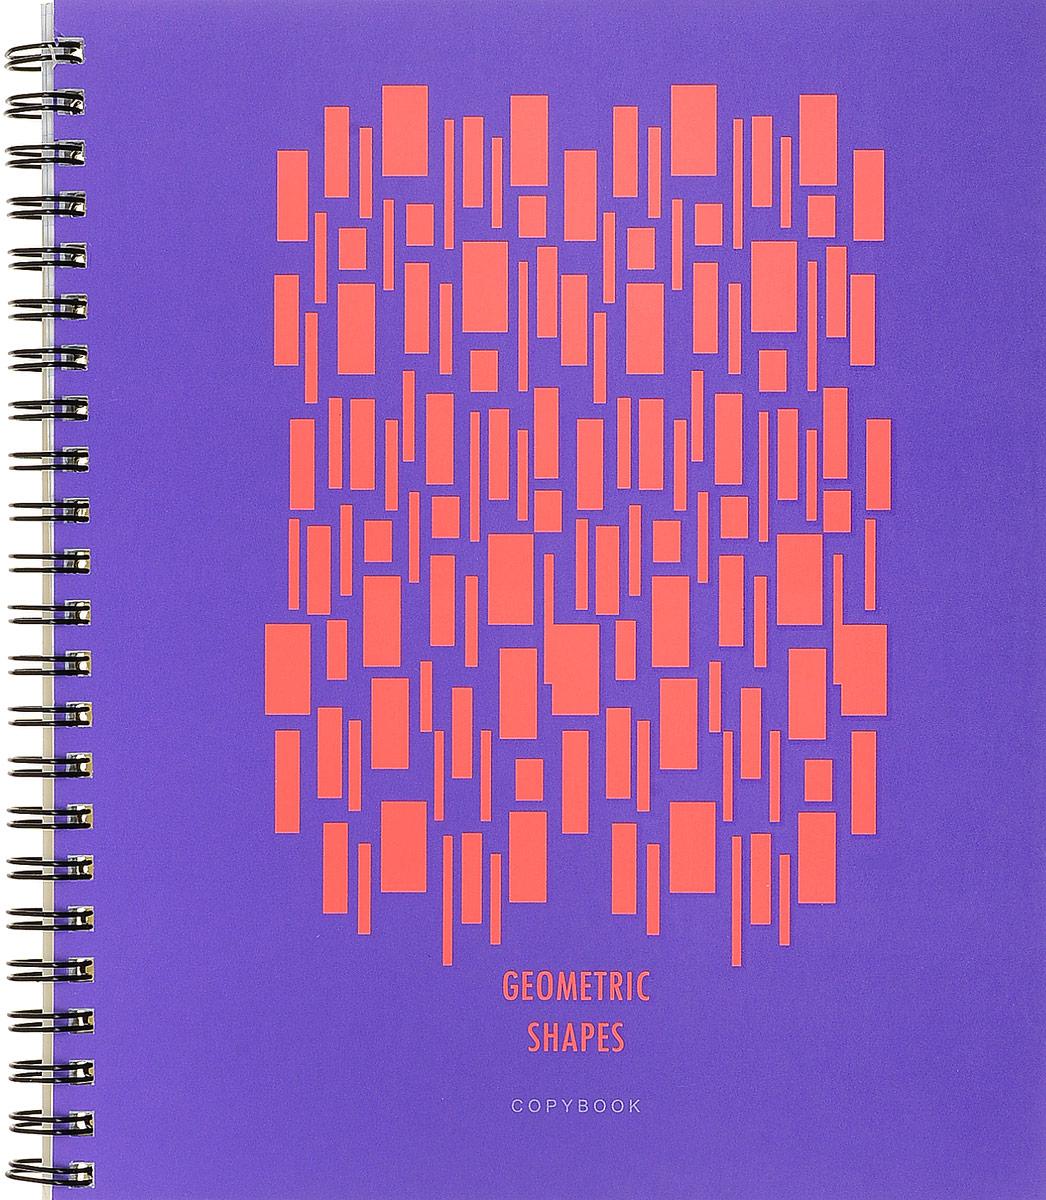 Канц-Эксмо Тетрадь Насыщенные цвета 96 листов в клетку цвет оранжевый канц эксмо тетрадь гармония цвета 96 листов в клетку